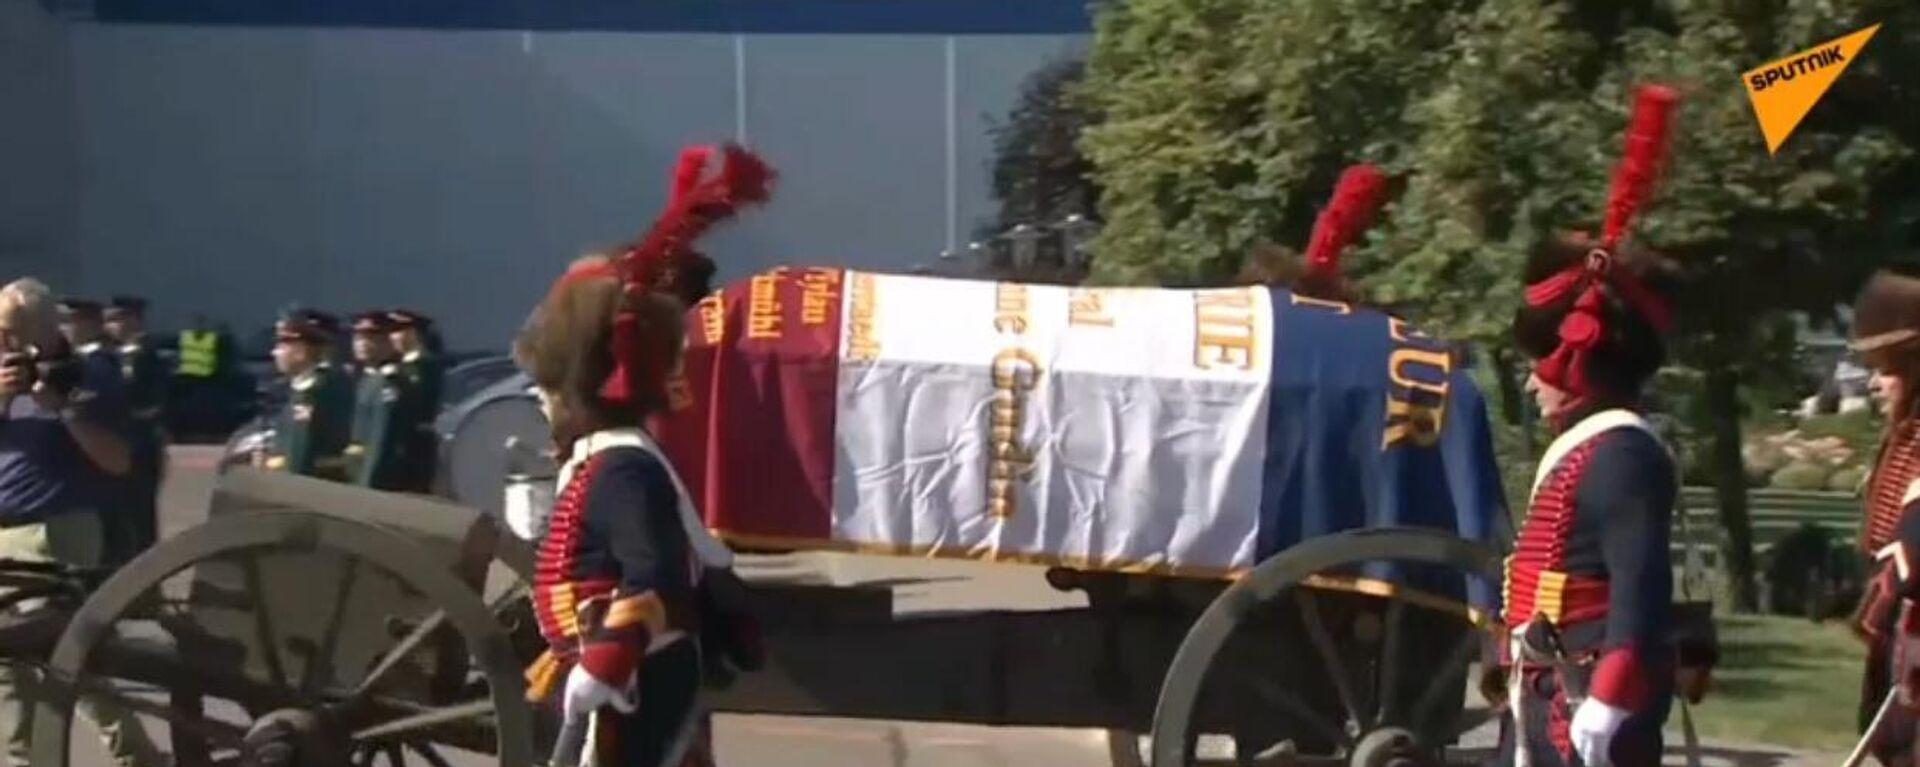 La salma del generale delle guerre napoleoniche Gudin arriva in Francia - Sputnik Italia, 1920, 14.07.2021